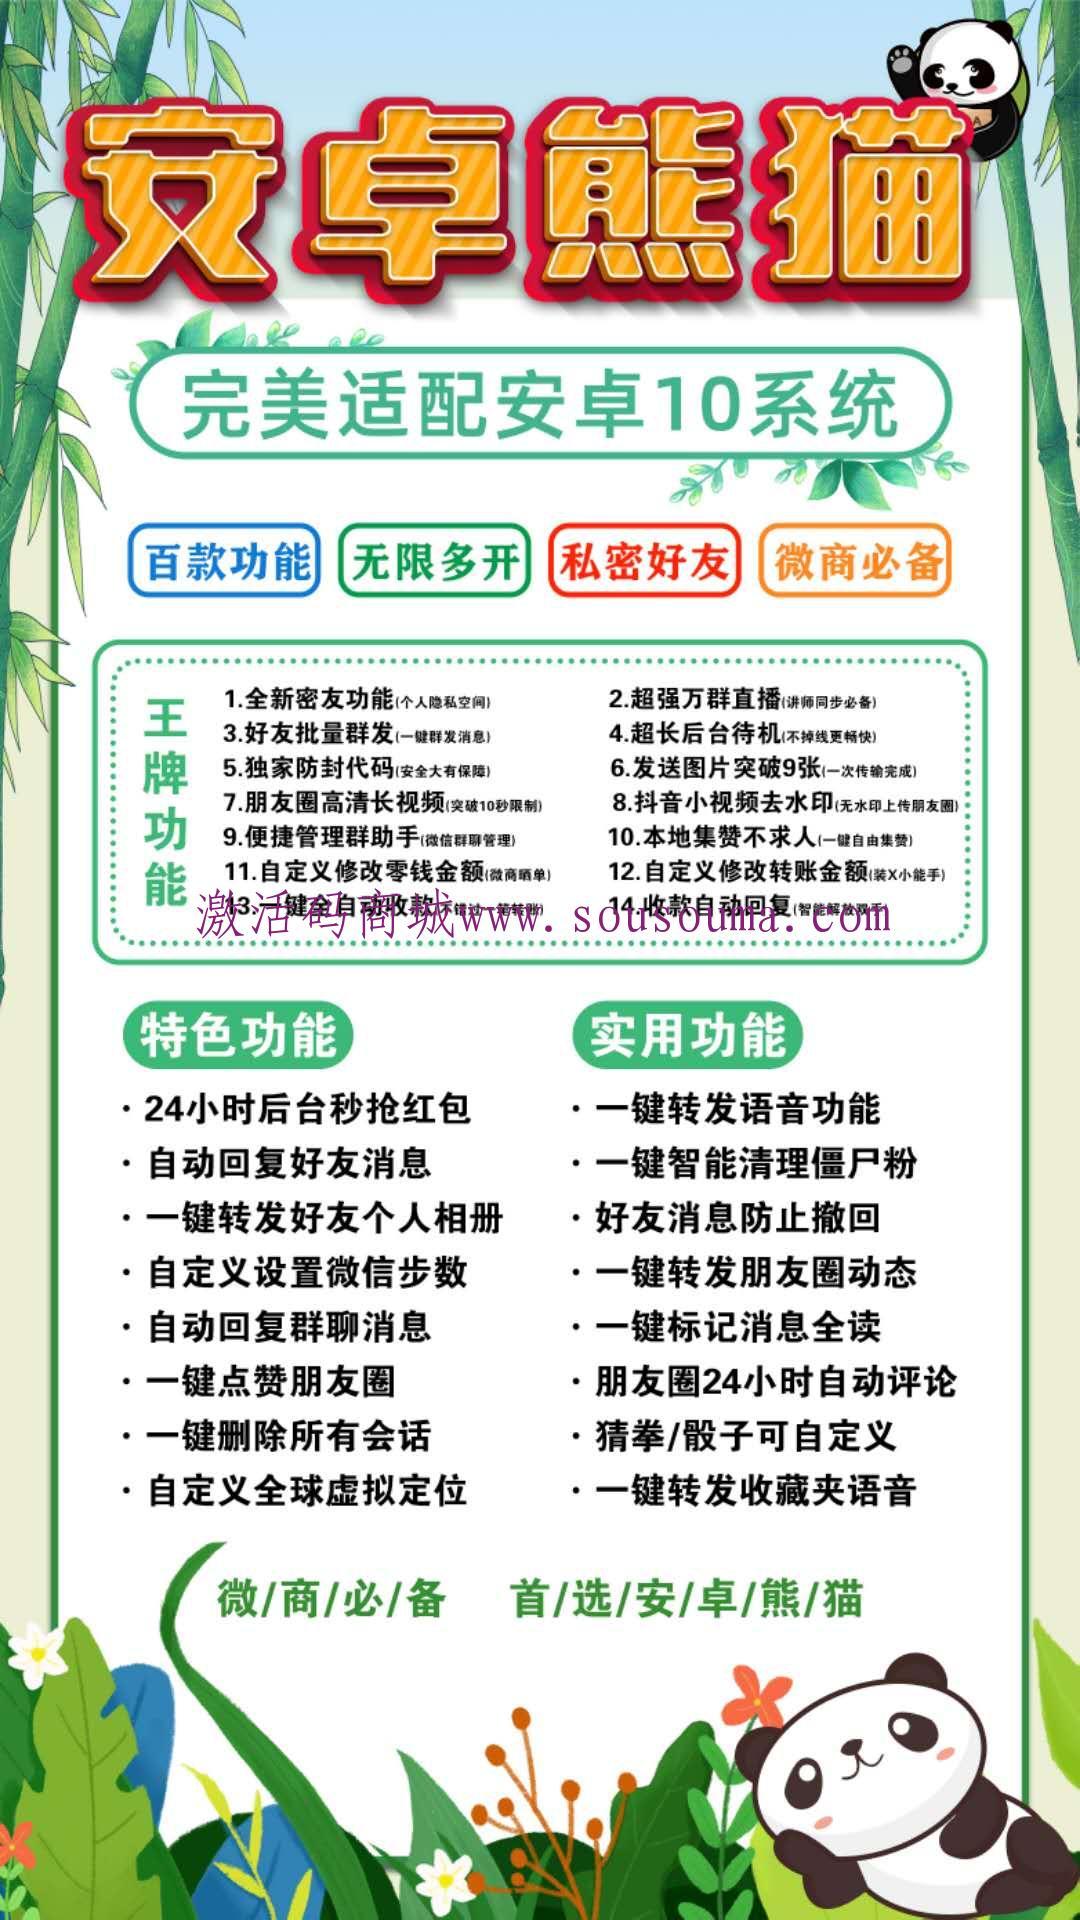 【安卓熊猫官网】支持安卓10系统无限多开分身激活码授权